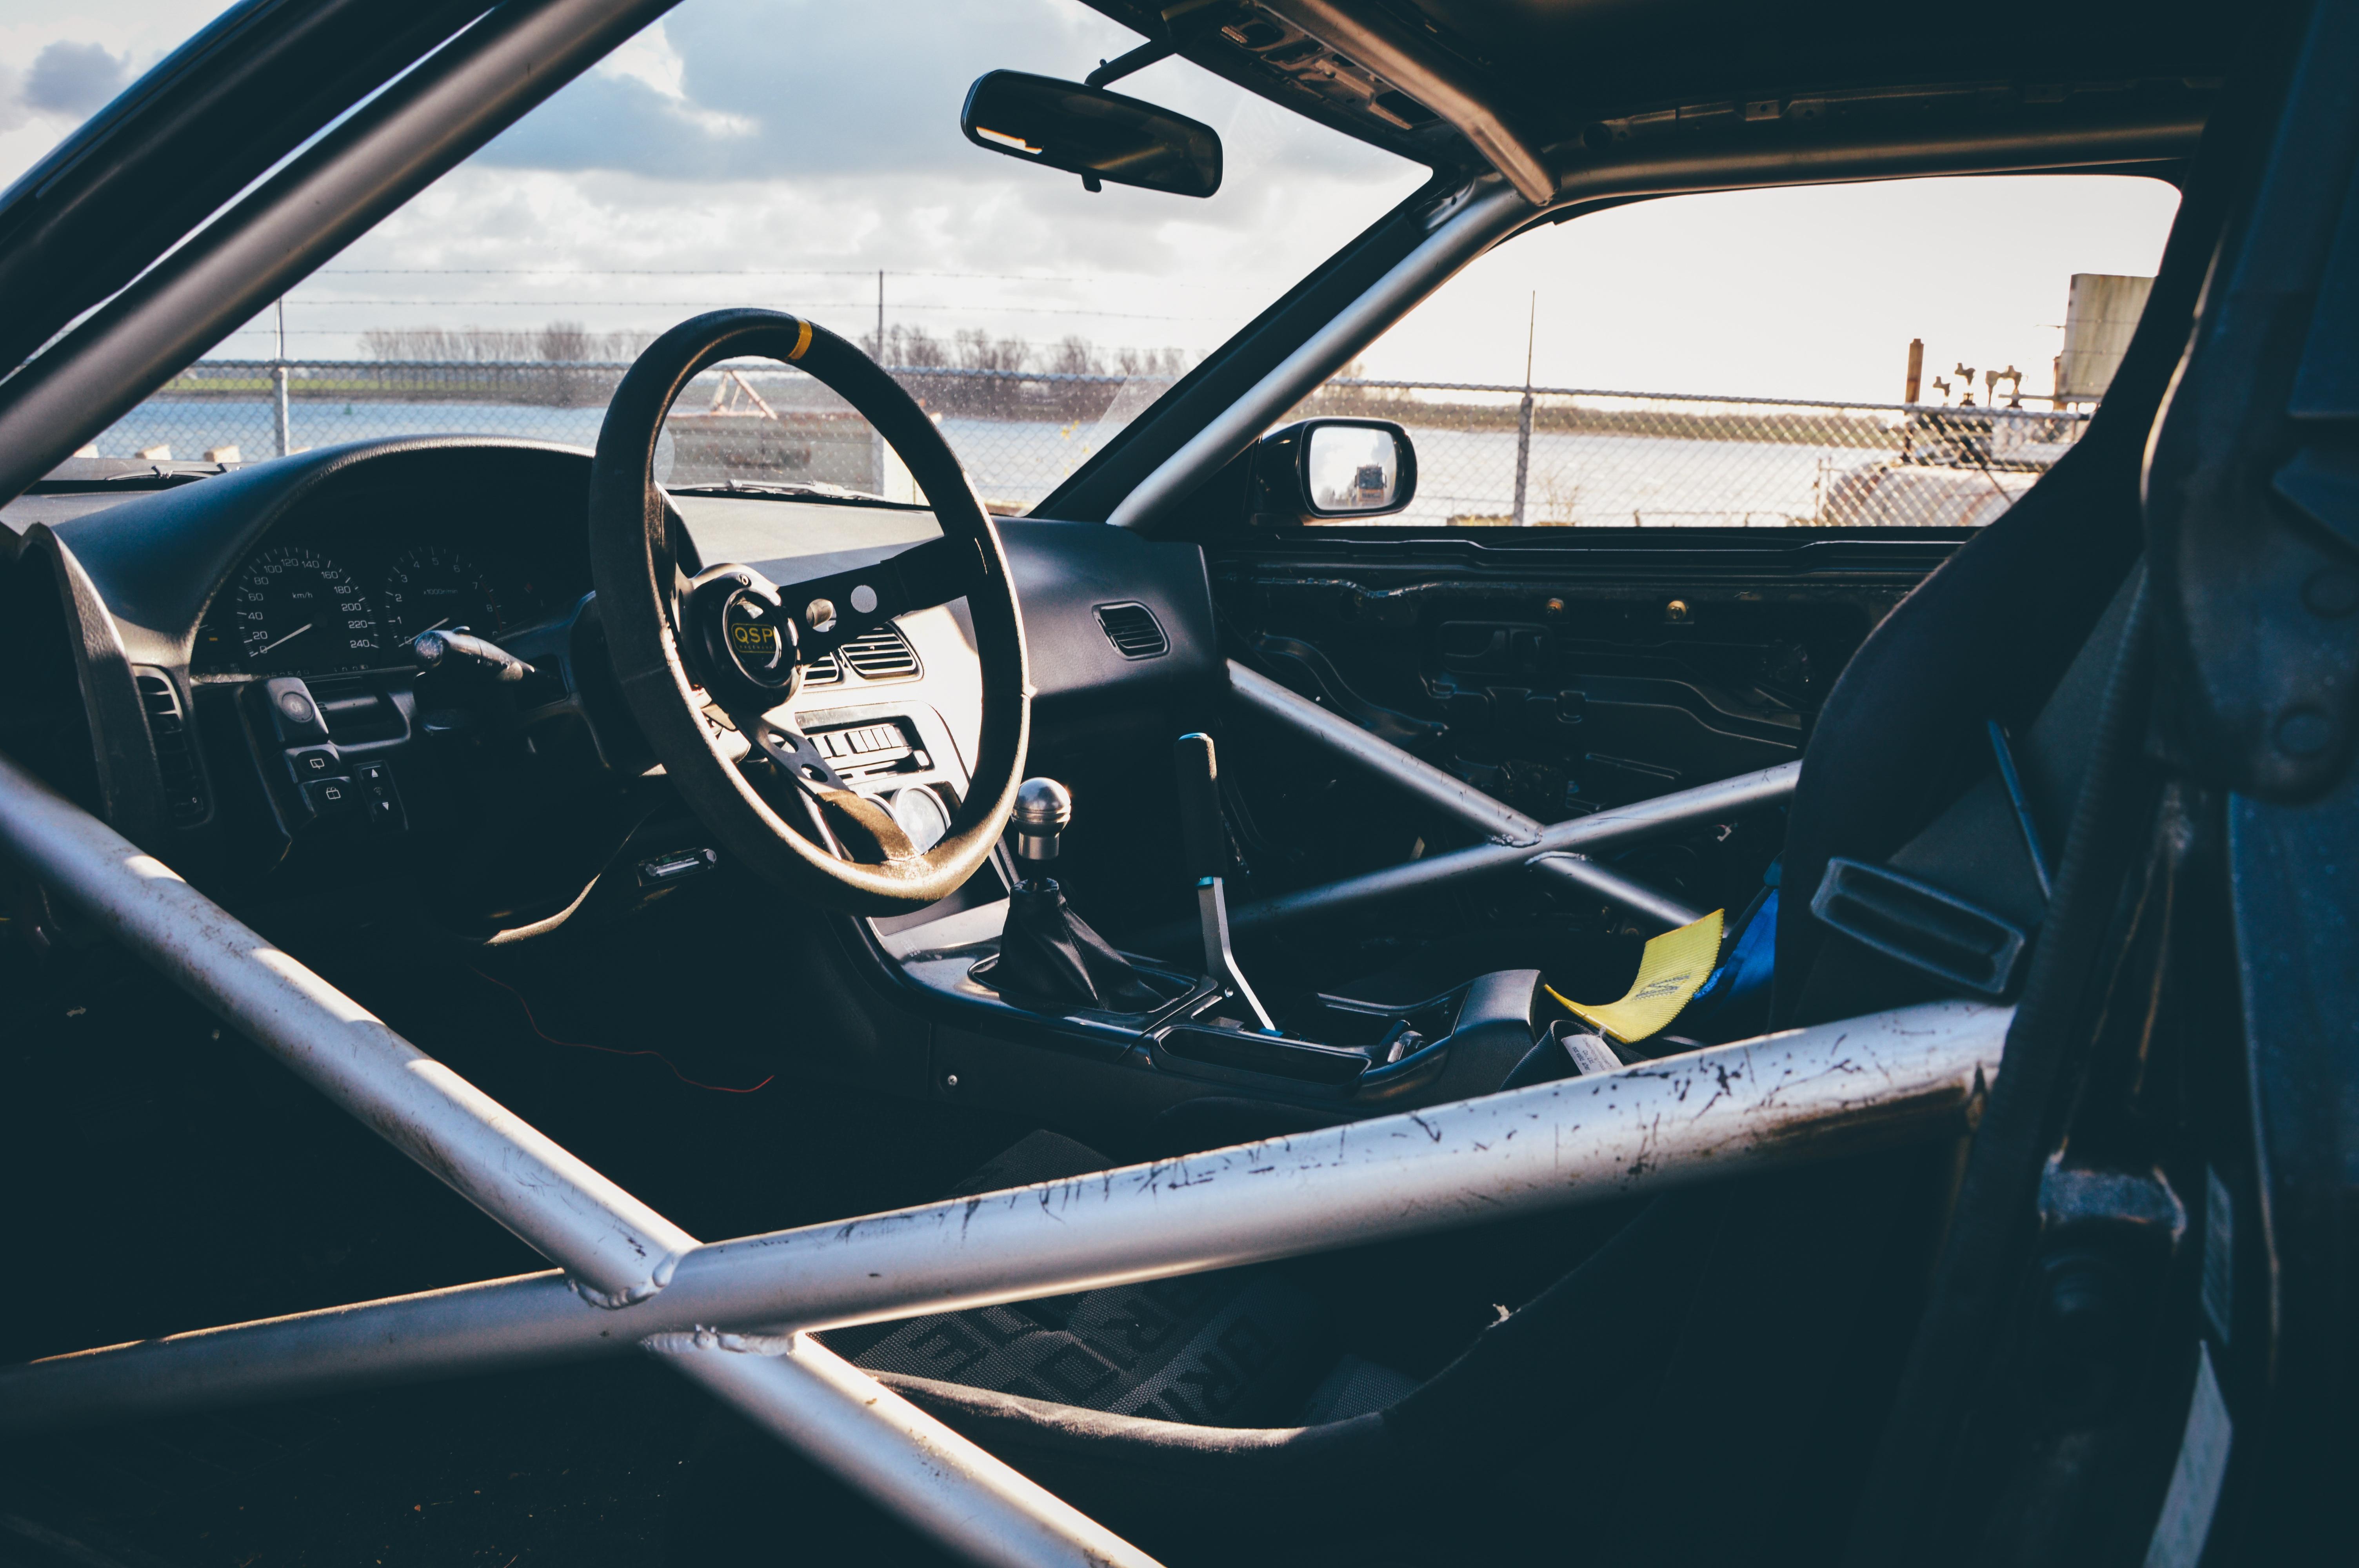 Modified Car, Modified, Modify, Steering, Modification, HQ Photo